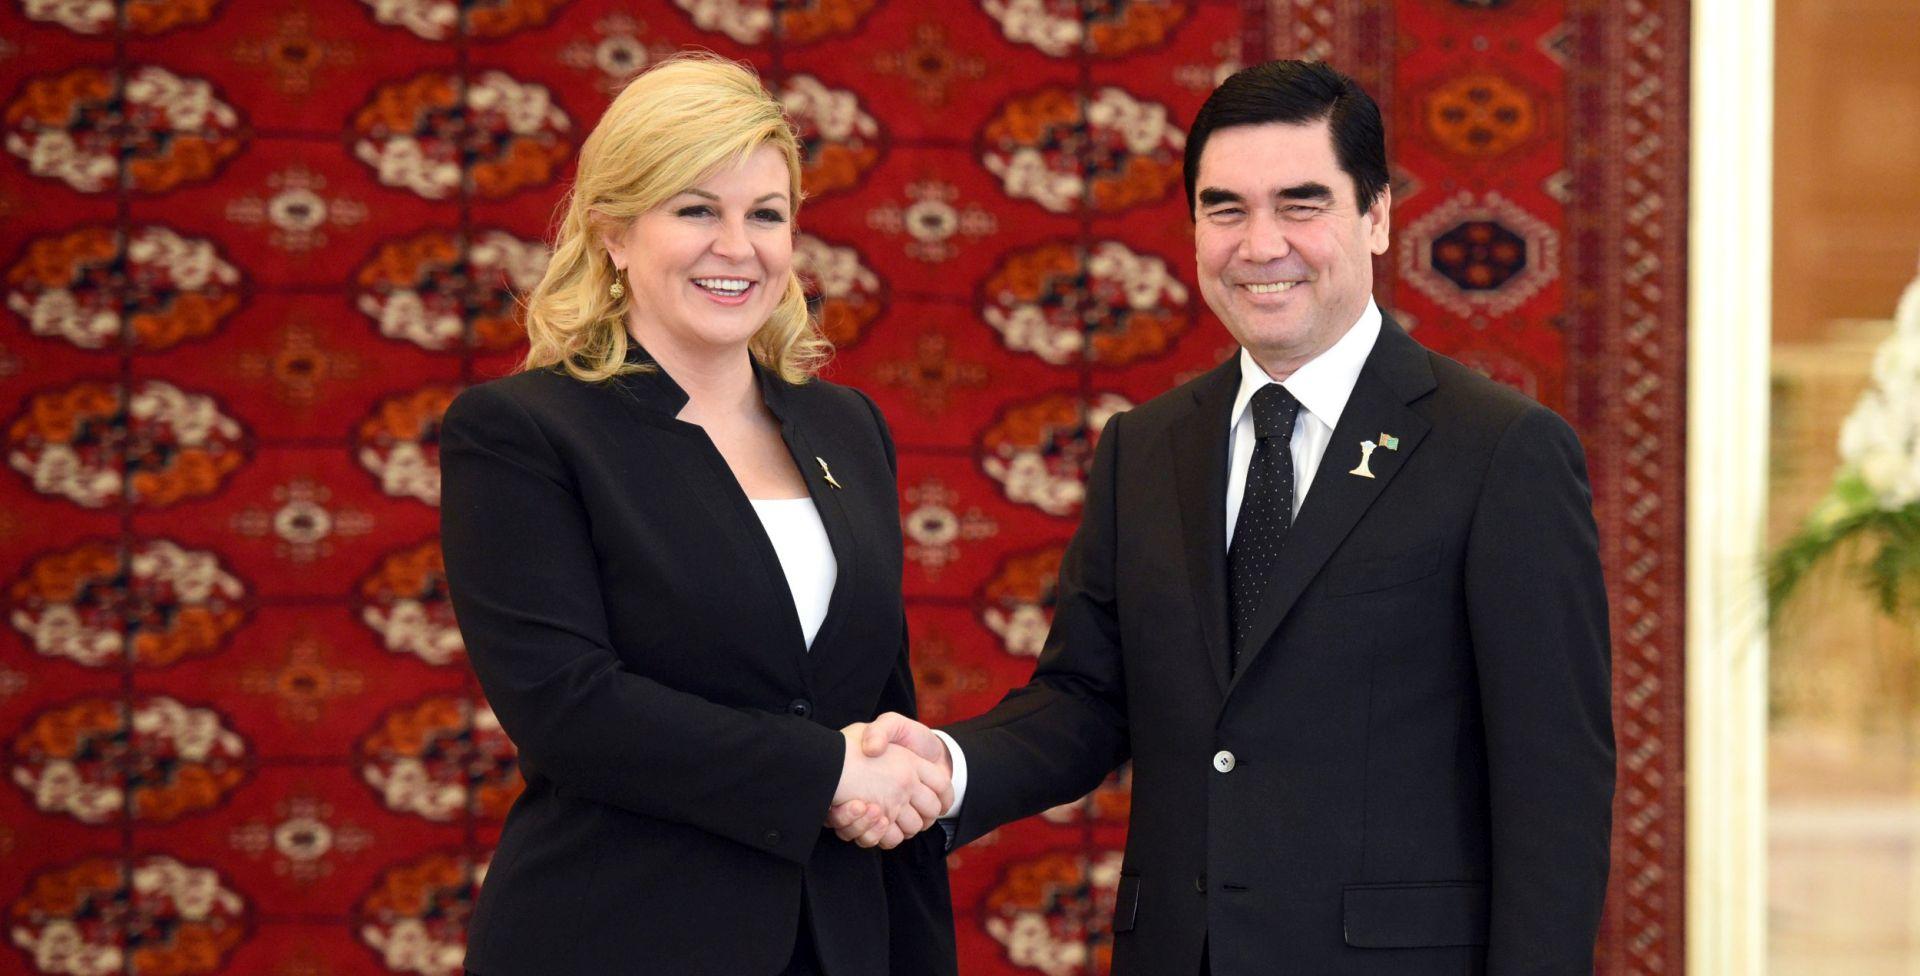 Predsjednica Grabar-Kitarović u radnom posjetu Turkmenistanu